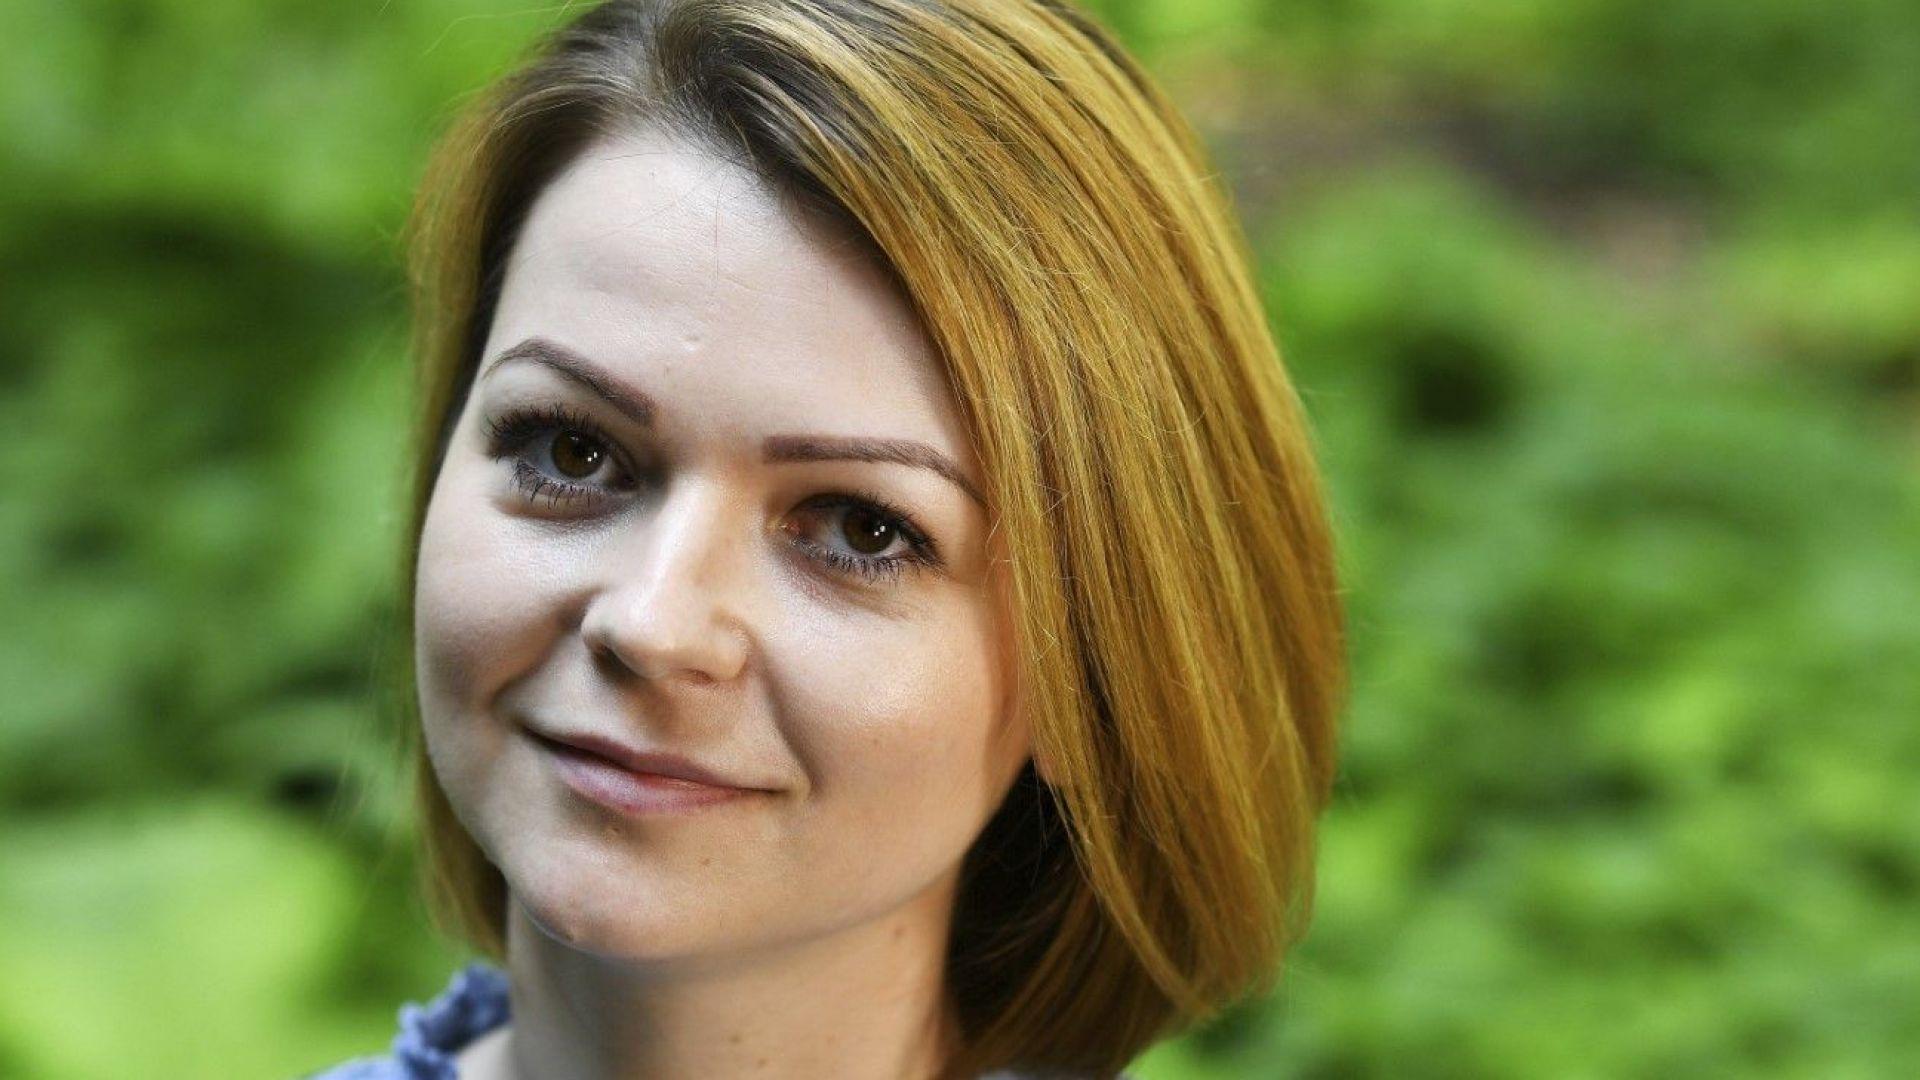 Юлия Скрипал: Покушението обърна живота ми с главата надолу